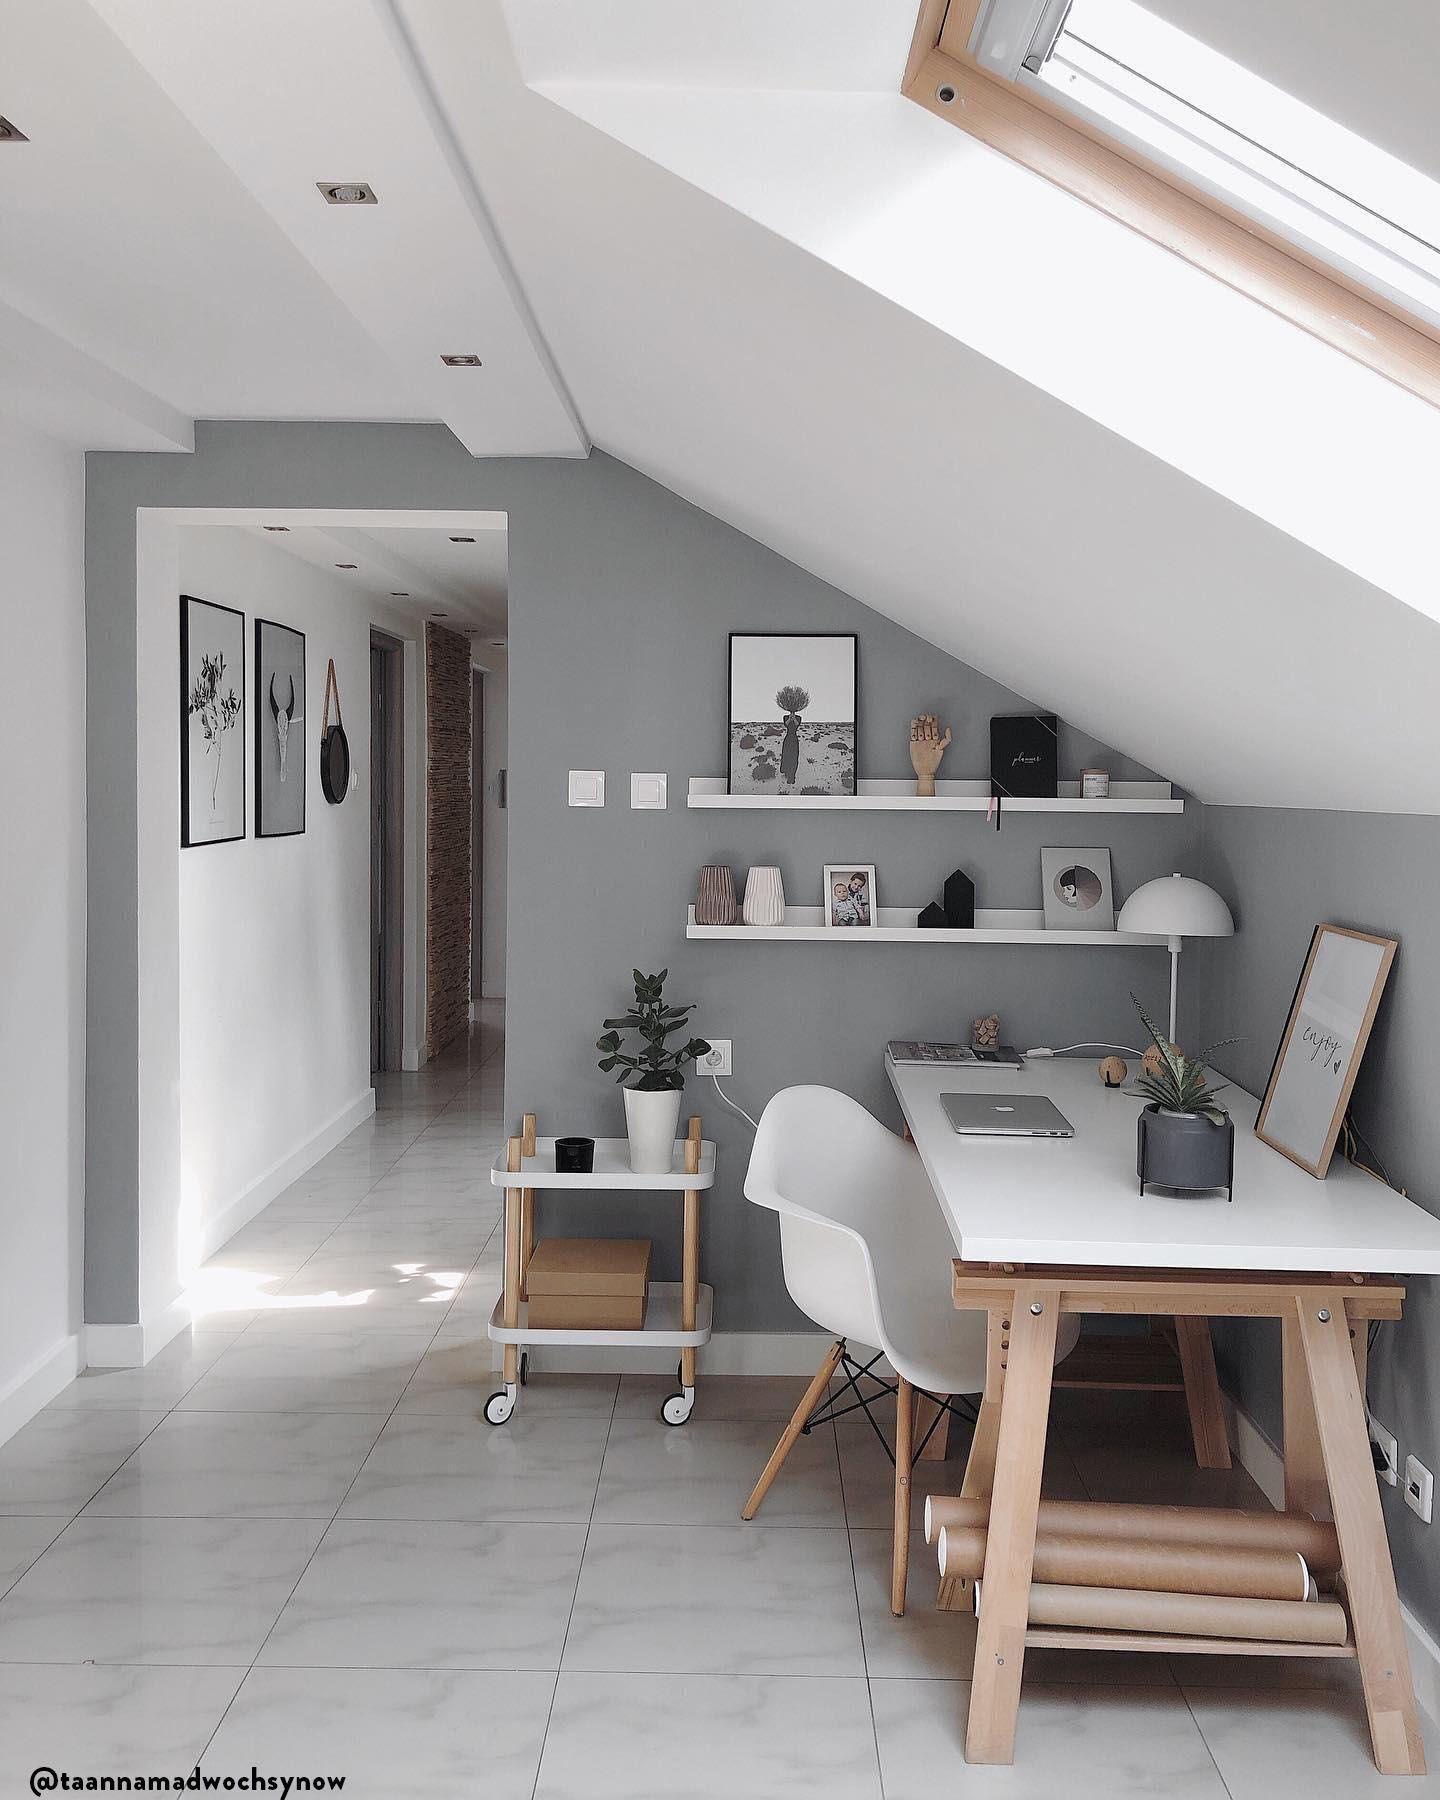 Slow Living - Weniger ist mehr! Wir alle sehnen uns nach Vereinfachung und einer Besinnung auf das Wesentliche. Entdecken Sie hier den Interior-Trend, der neuen Minimalismus ins Zuhause bringt. Das Geheimnis: Möbel mit schlichten Formen, die im Raum symmetrisch angeordnet werden. Und zurückhaltende Farben wie Schwarz, Weiß und Grau, die Ruhe ausstrahlen.????:@taannamadwochsynow // Homeoffice Arbeitszimmer Schreibtisch Arbeitsplatz Skandinavisch Deko Nordisch Modern #Homeoffice #Arbeitszimmer #skandinavischwohnen